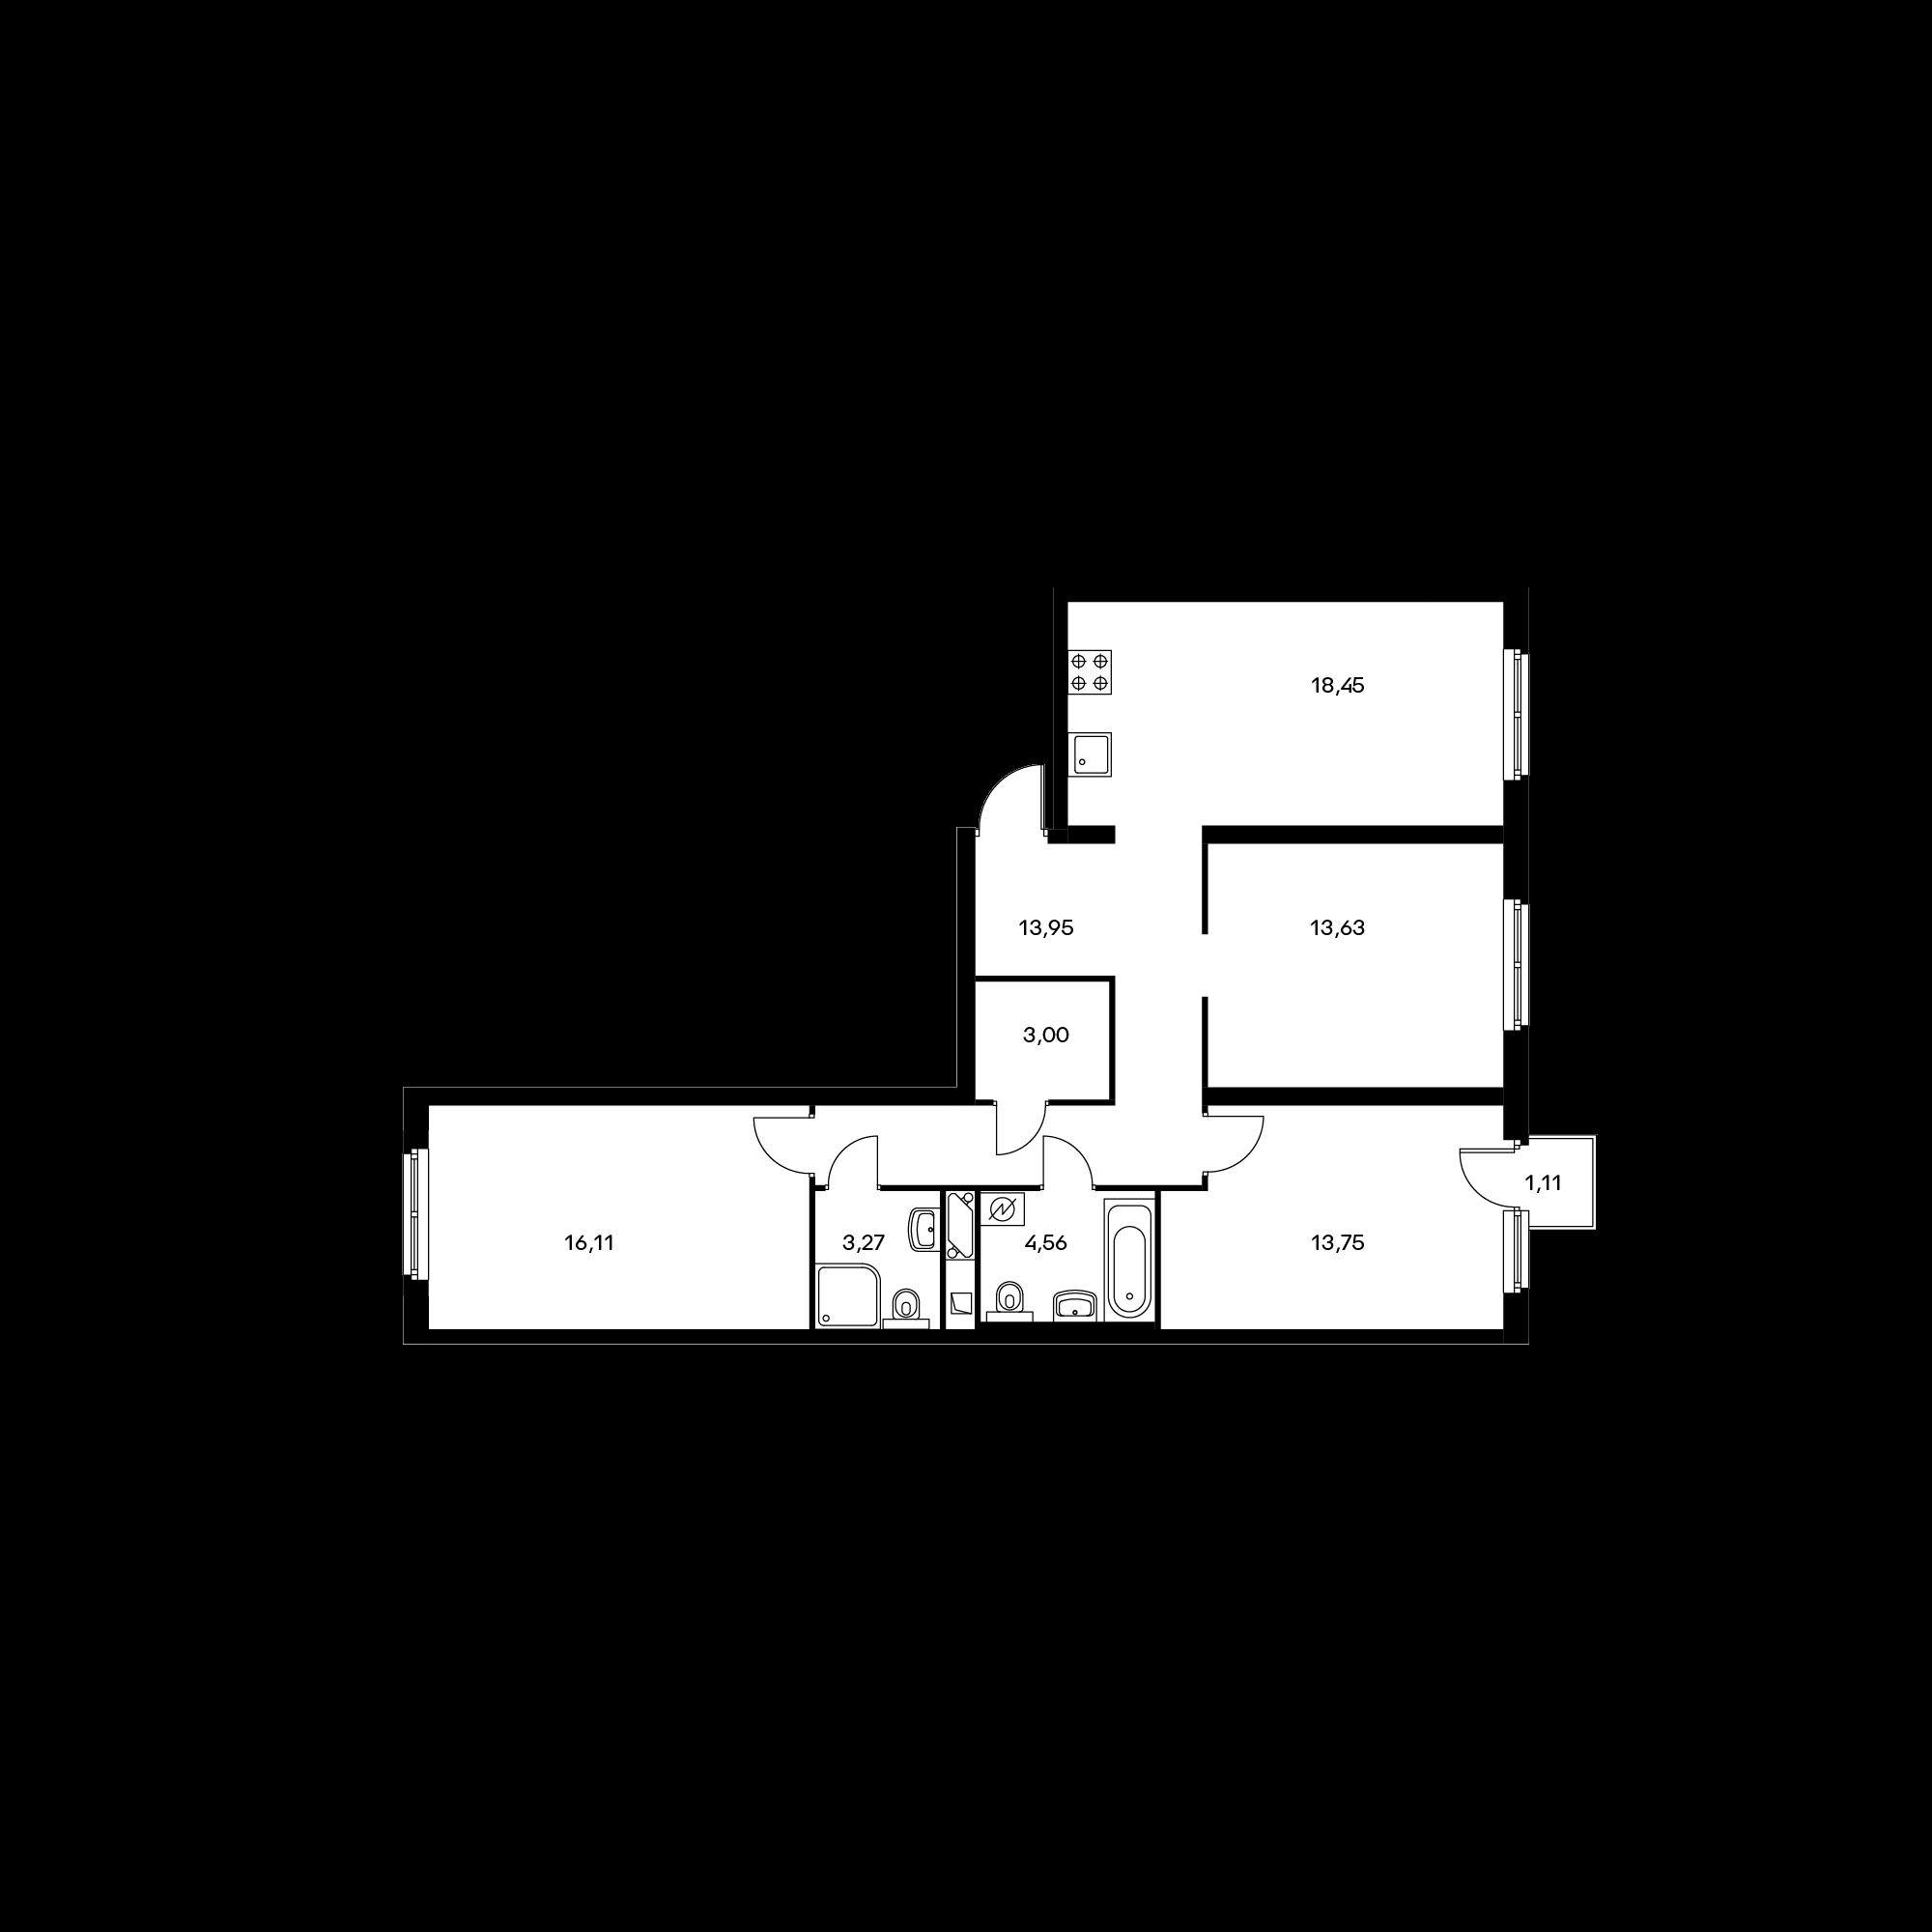 3-комнатная 87.05 м²